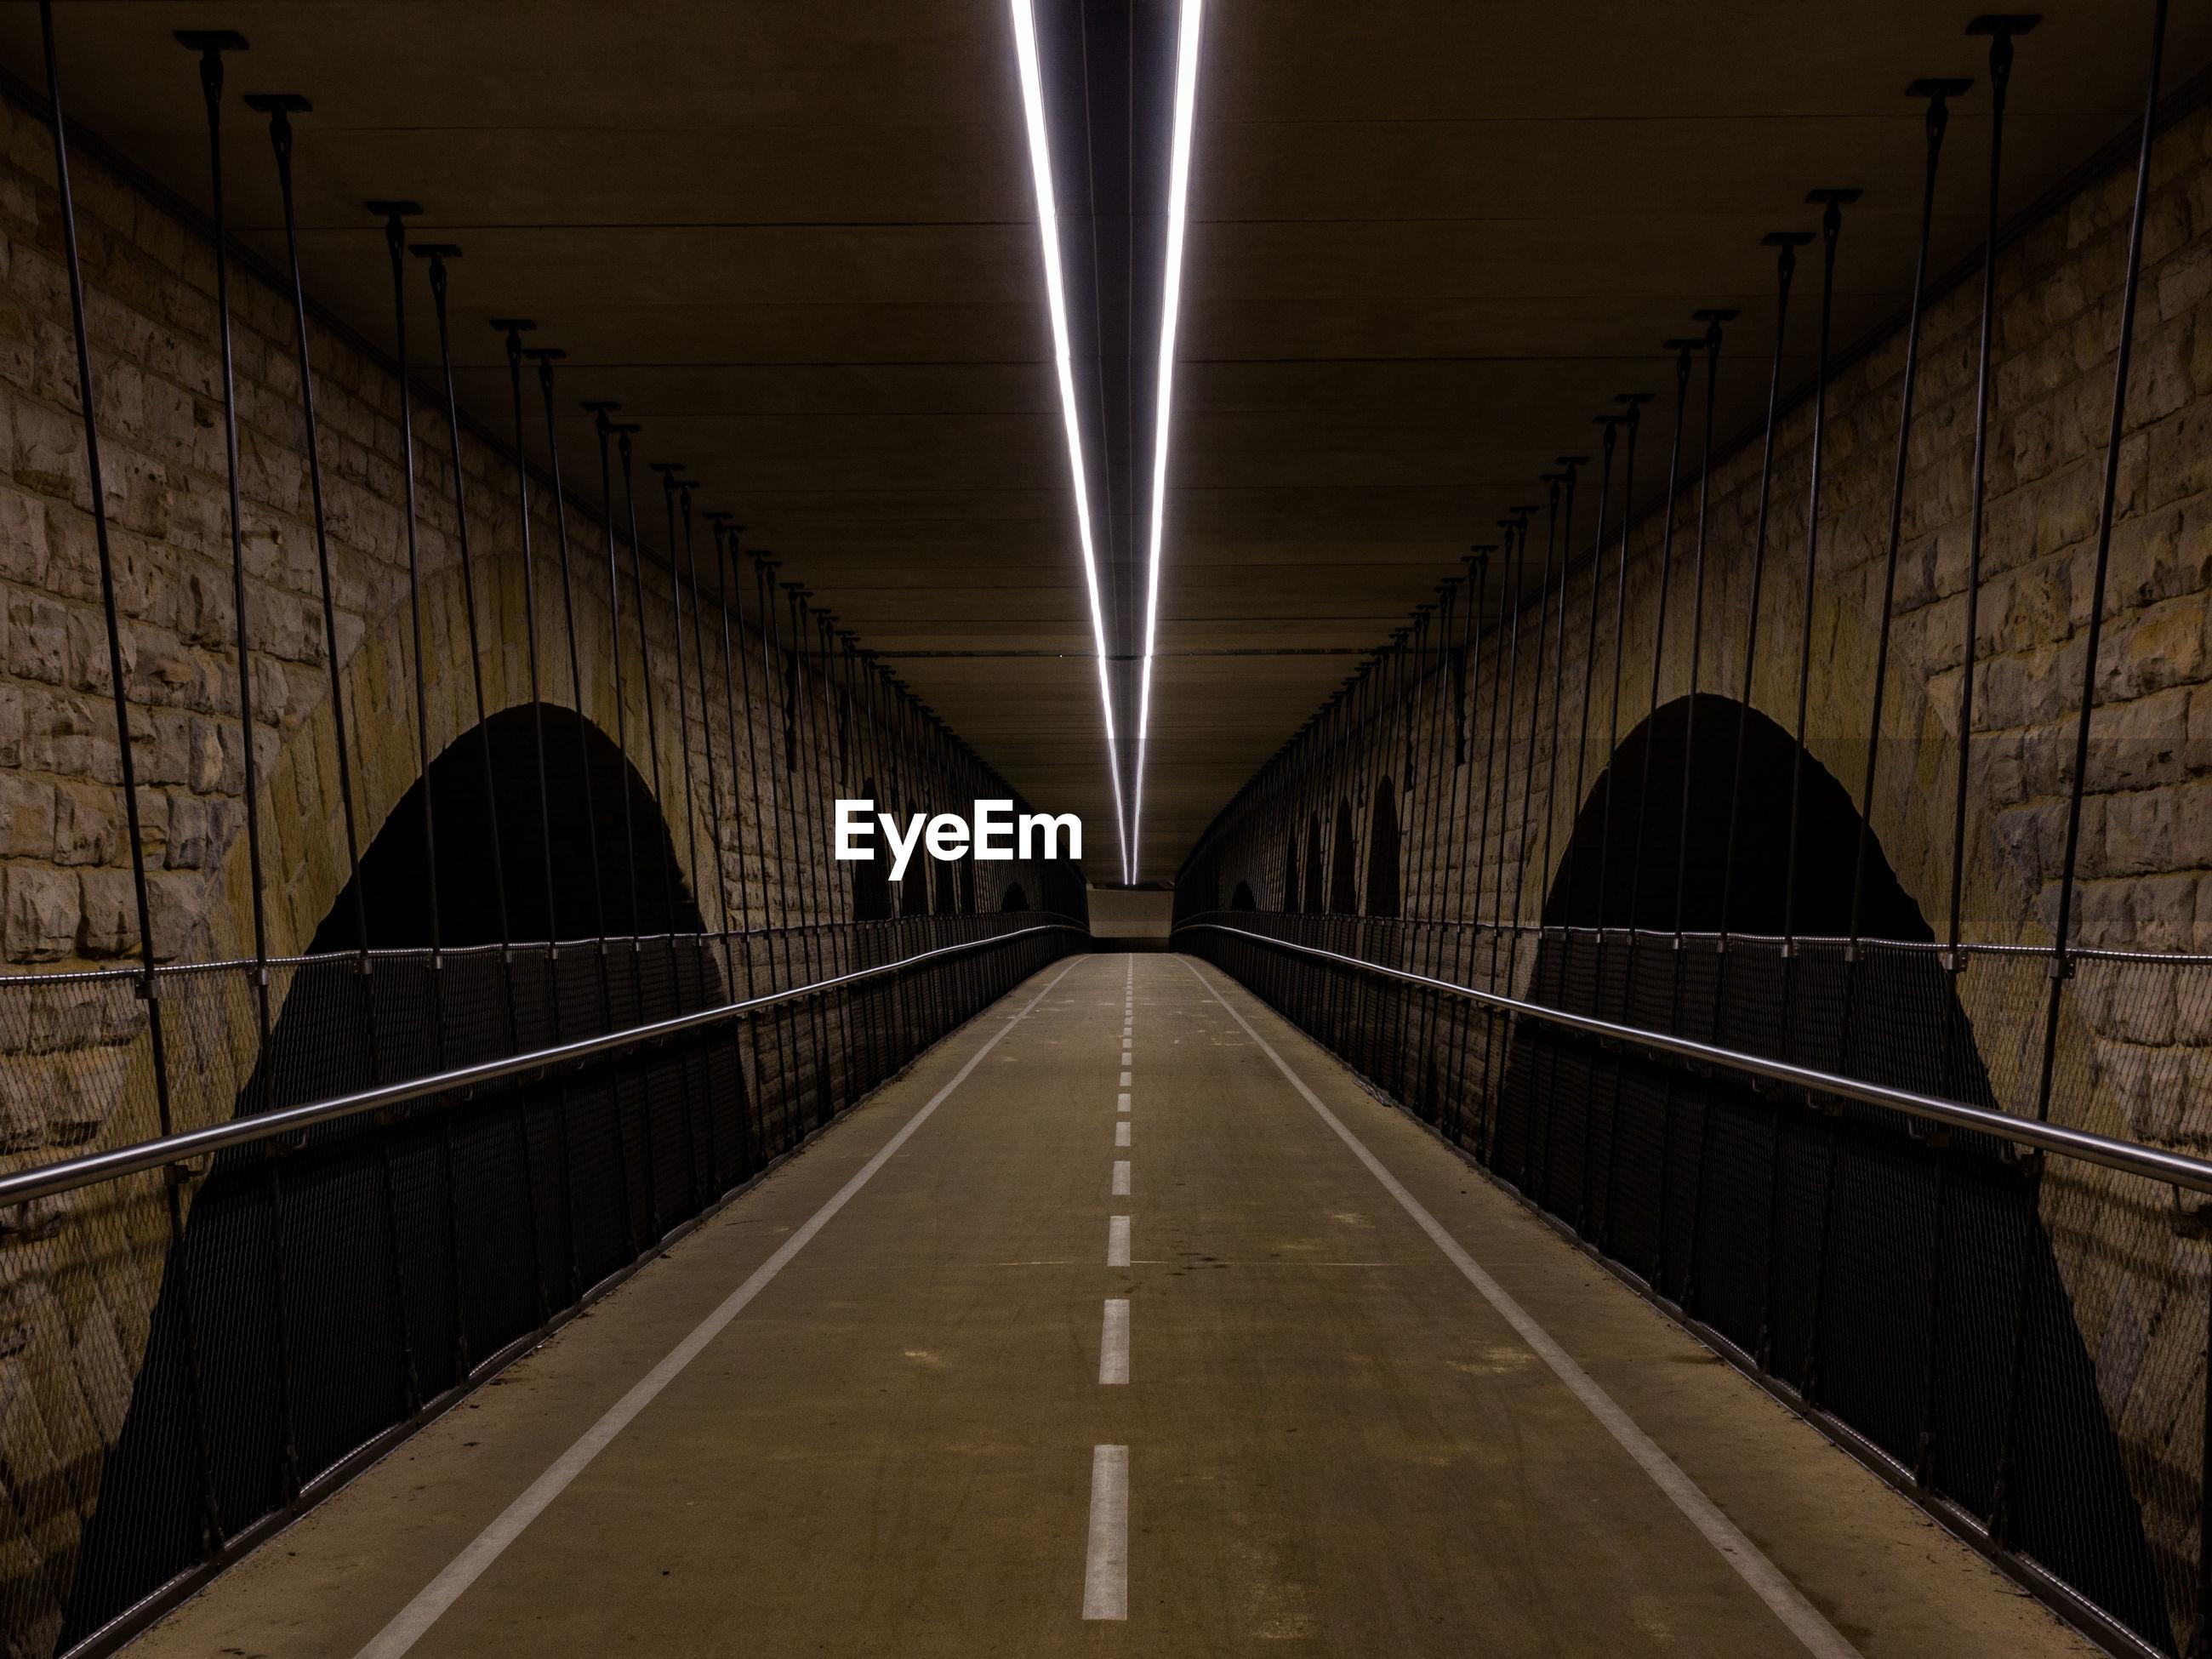 VIEW OF EMPTY BRIDGE